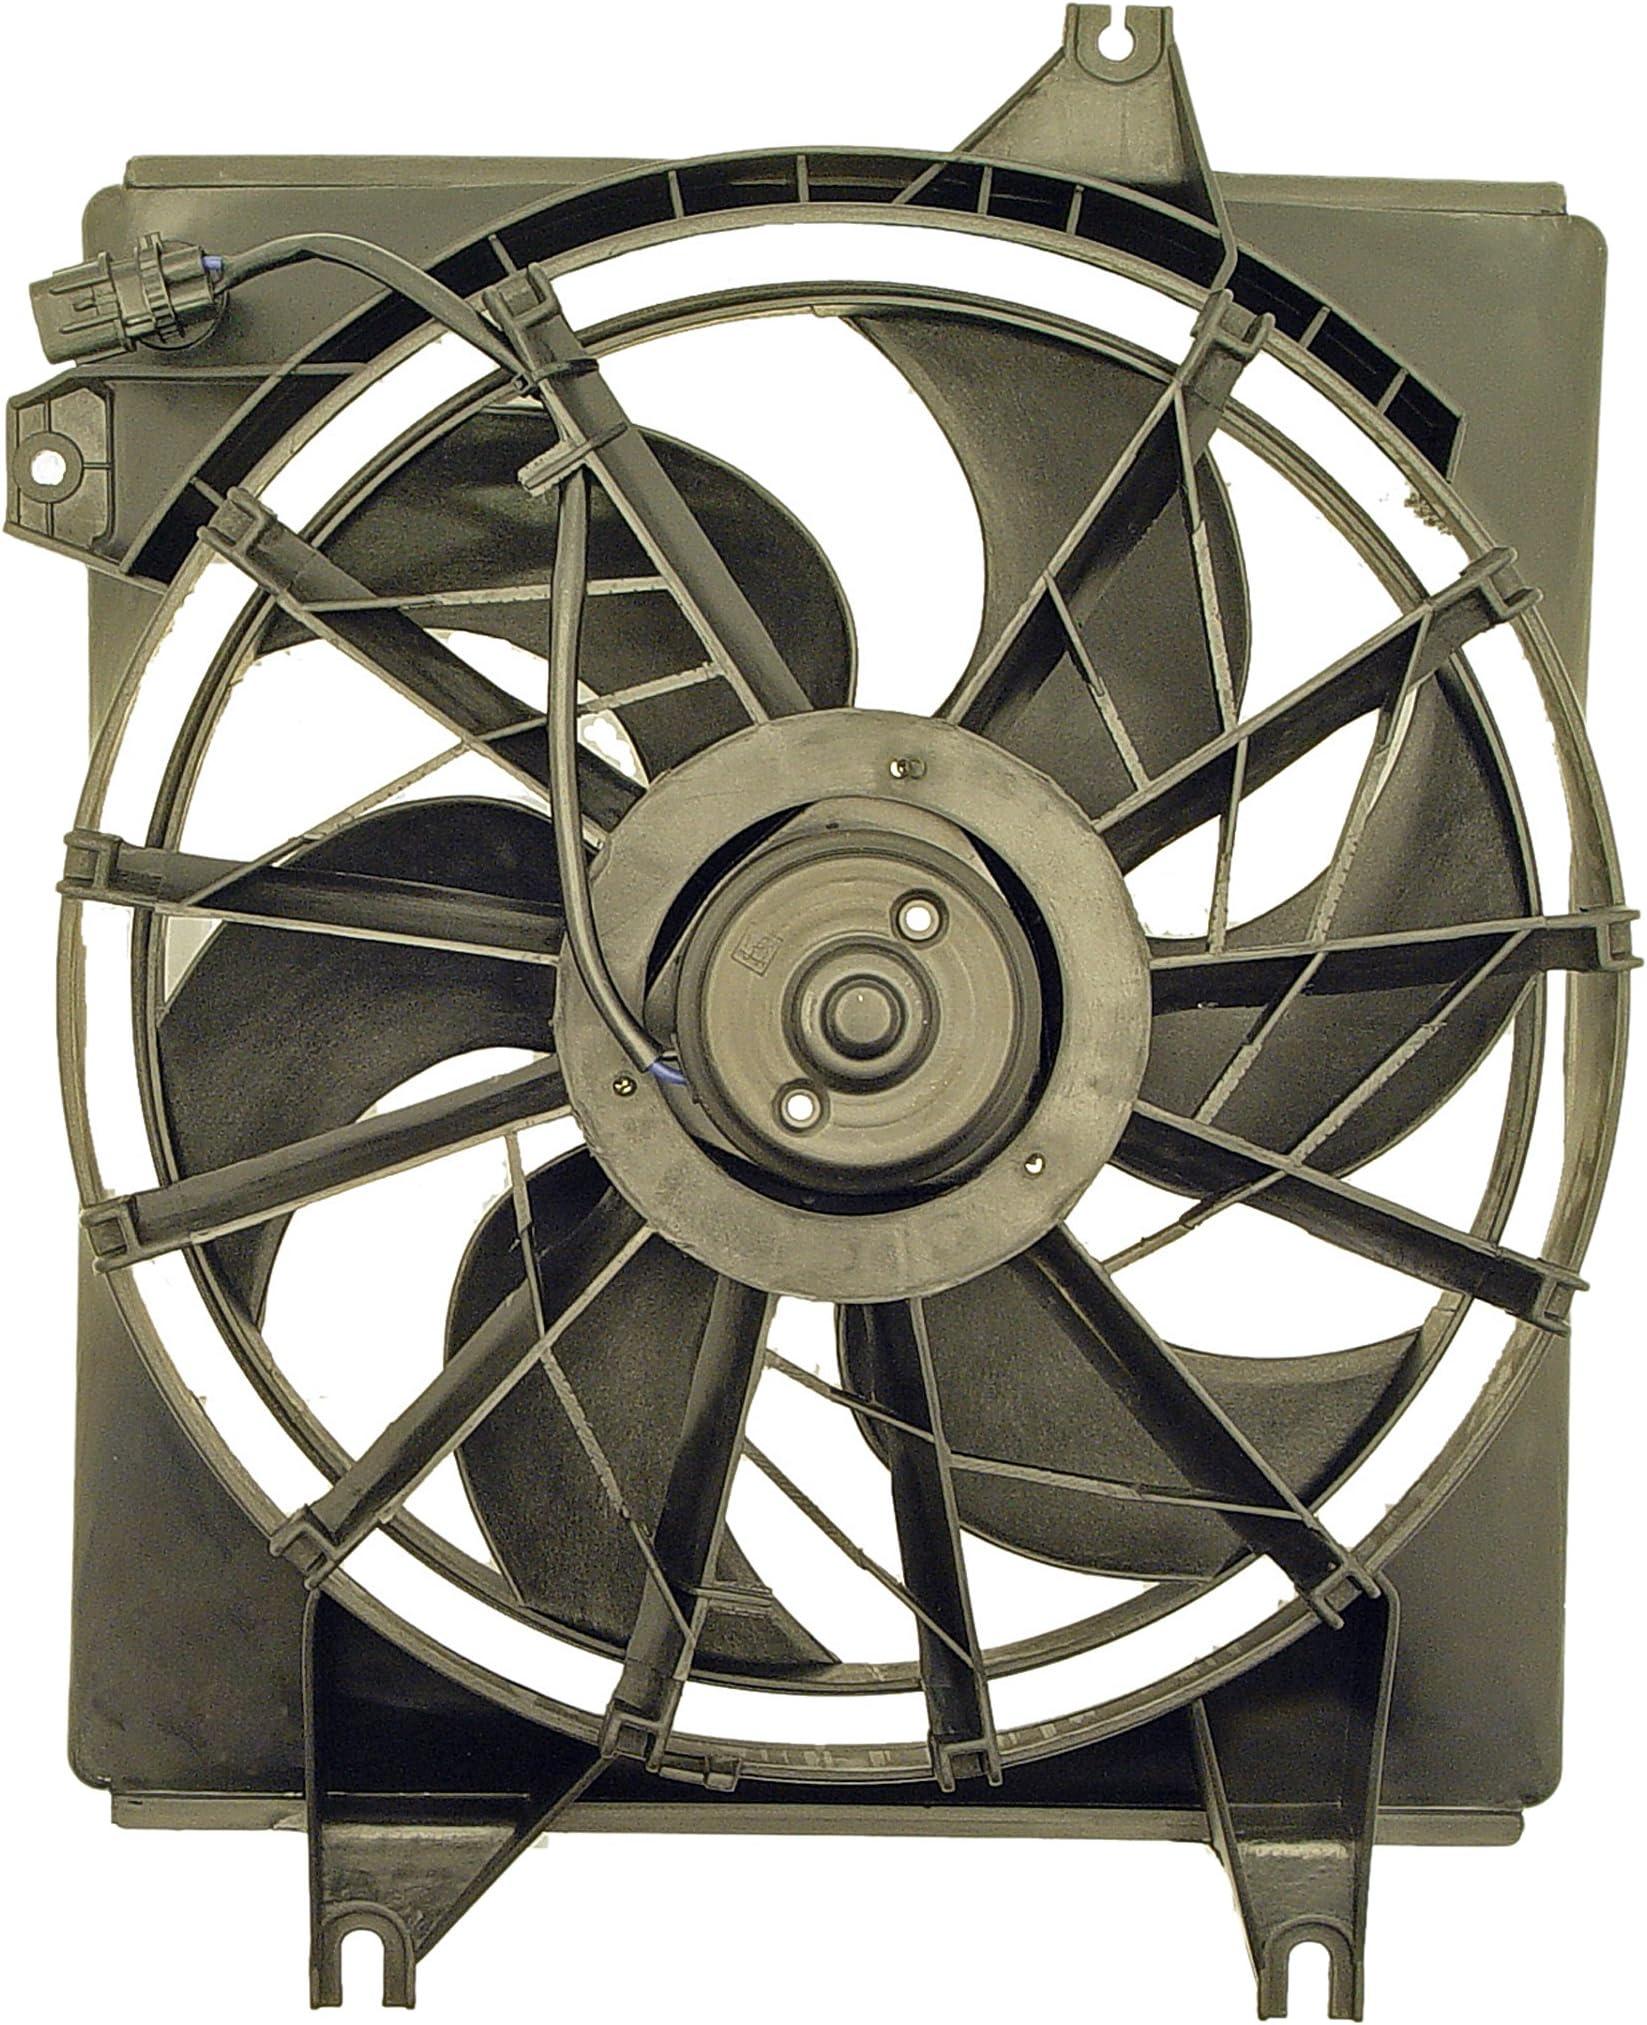 Dorman 620-736 Radiator Fan Assembly